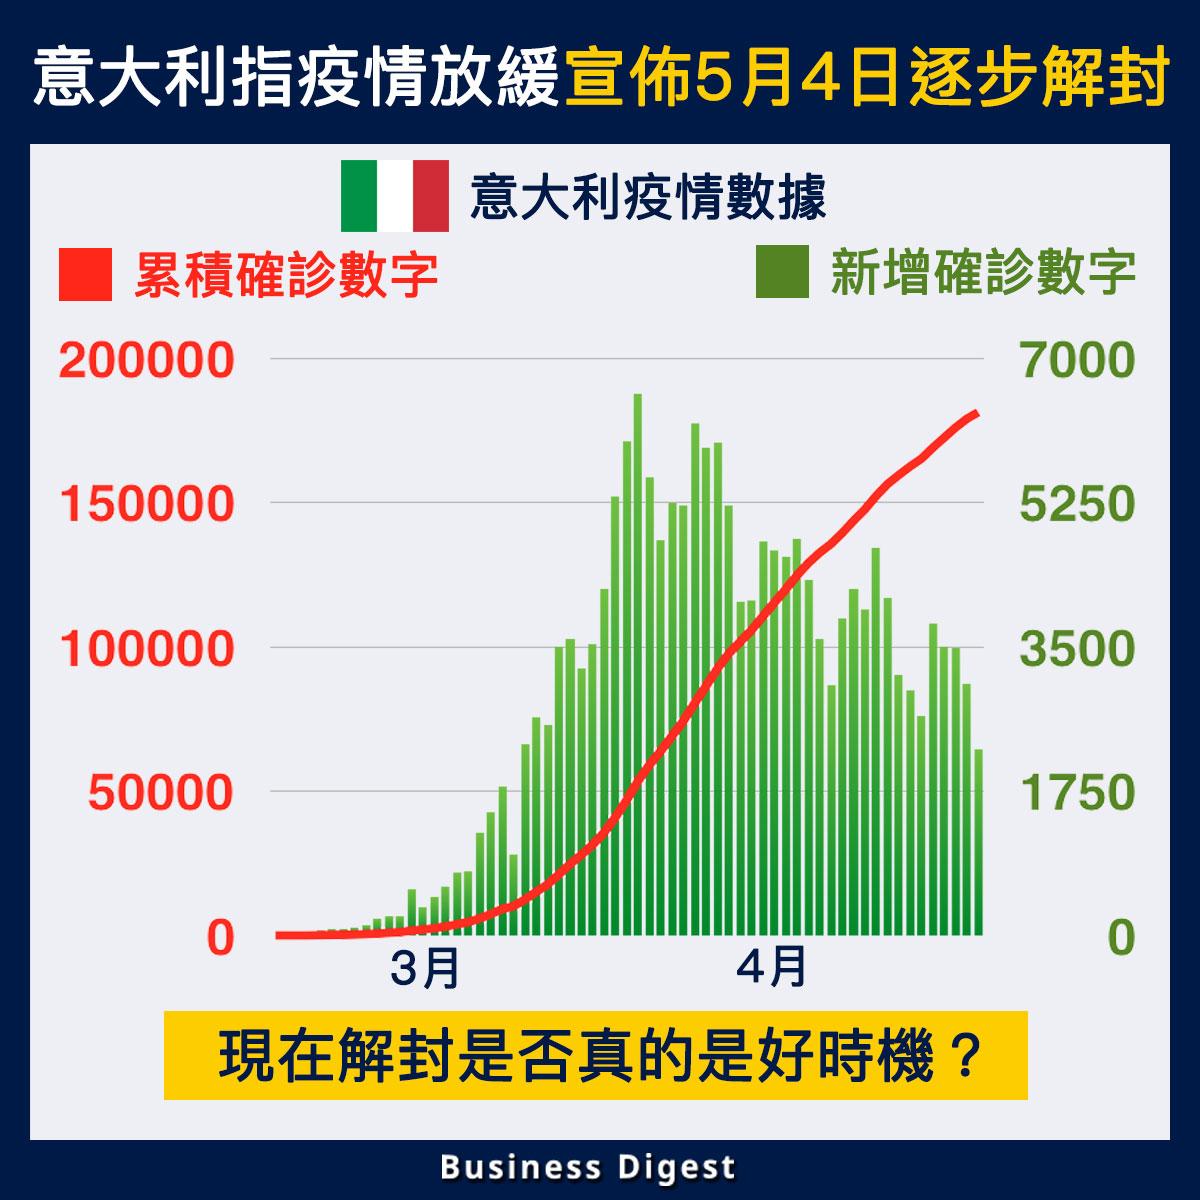 【從數據認識疫情】意大利指疫情放緩宣佈5月4日逐步解封